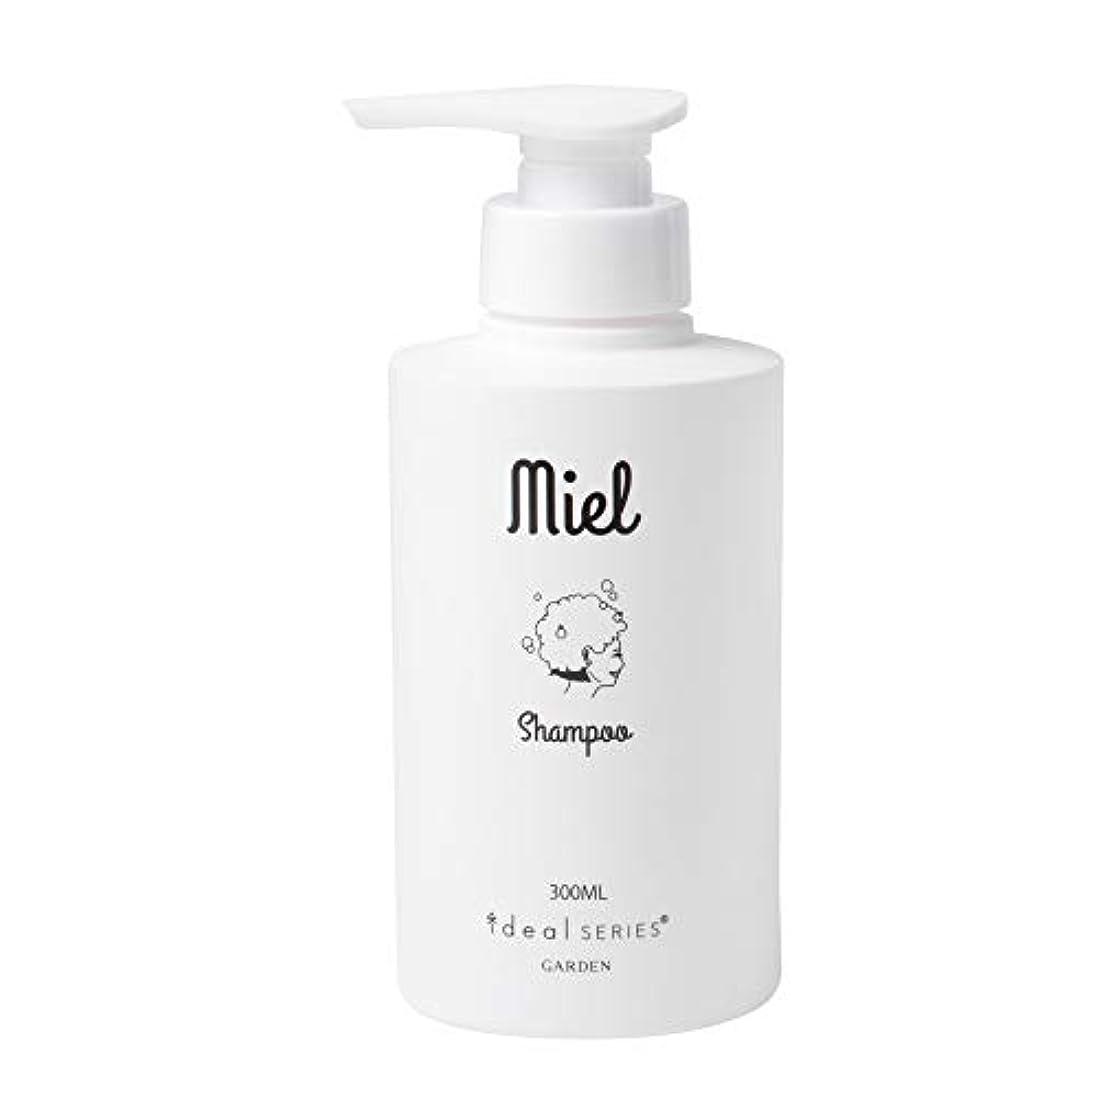 浴一口変化するGARDEN ideal SERIES (イデアルシリーズ) miel シャンプー 300ml